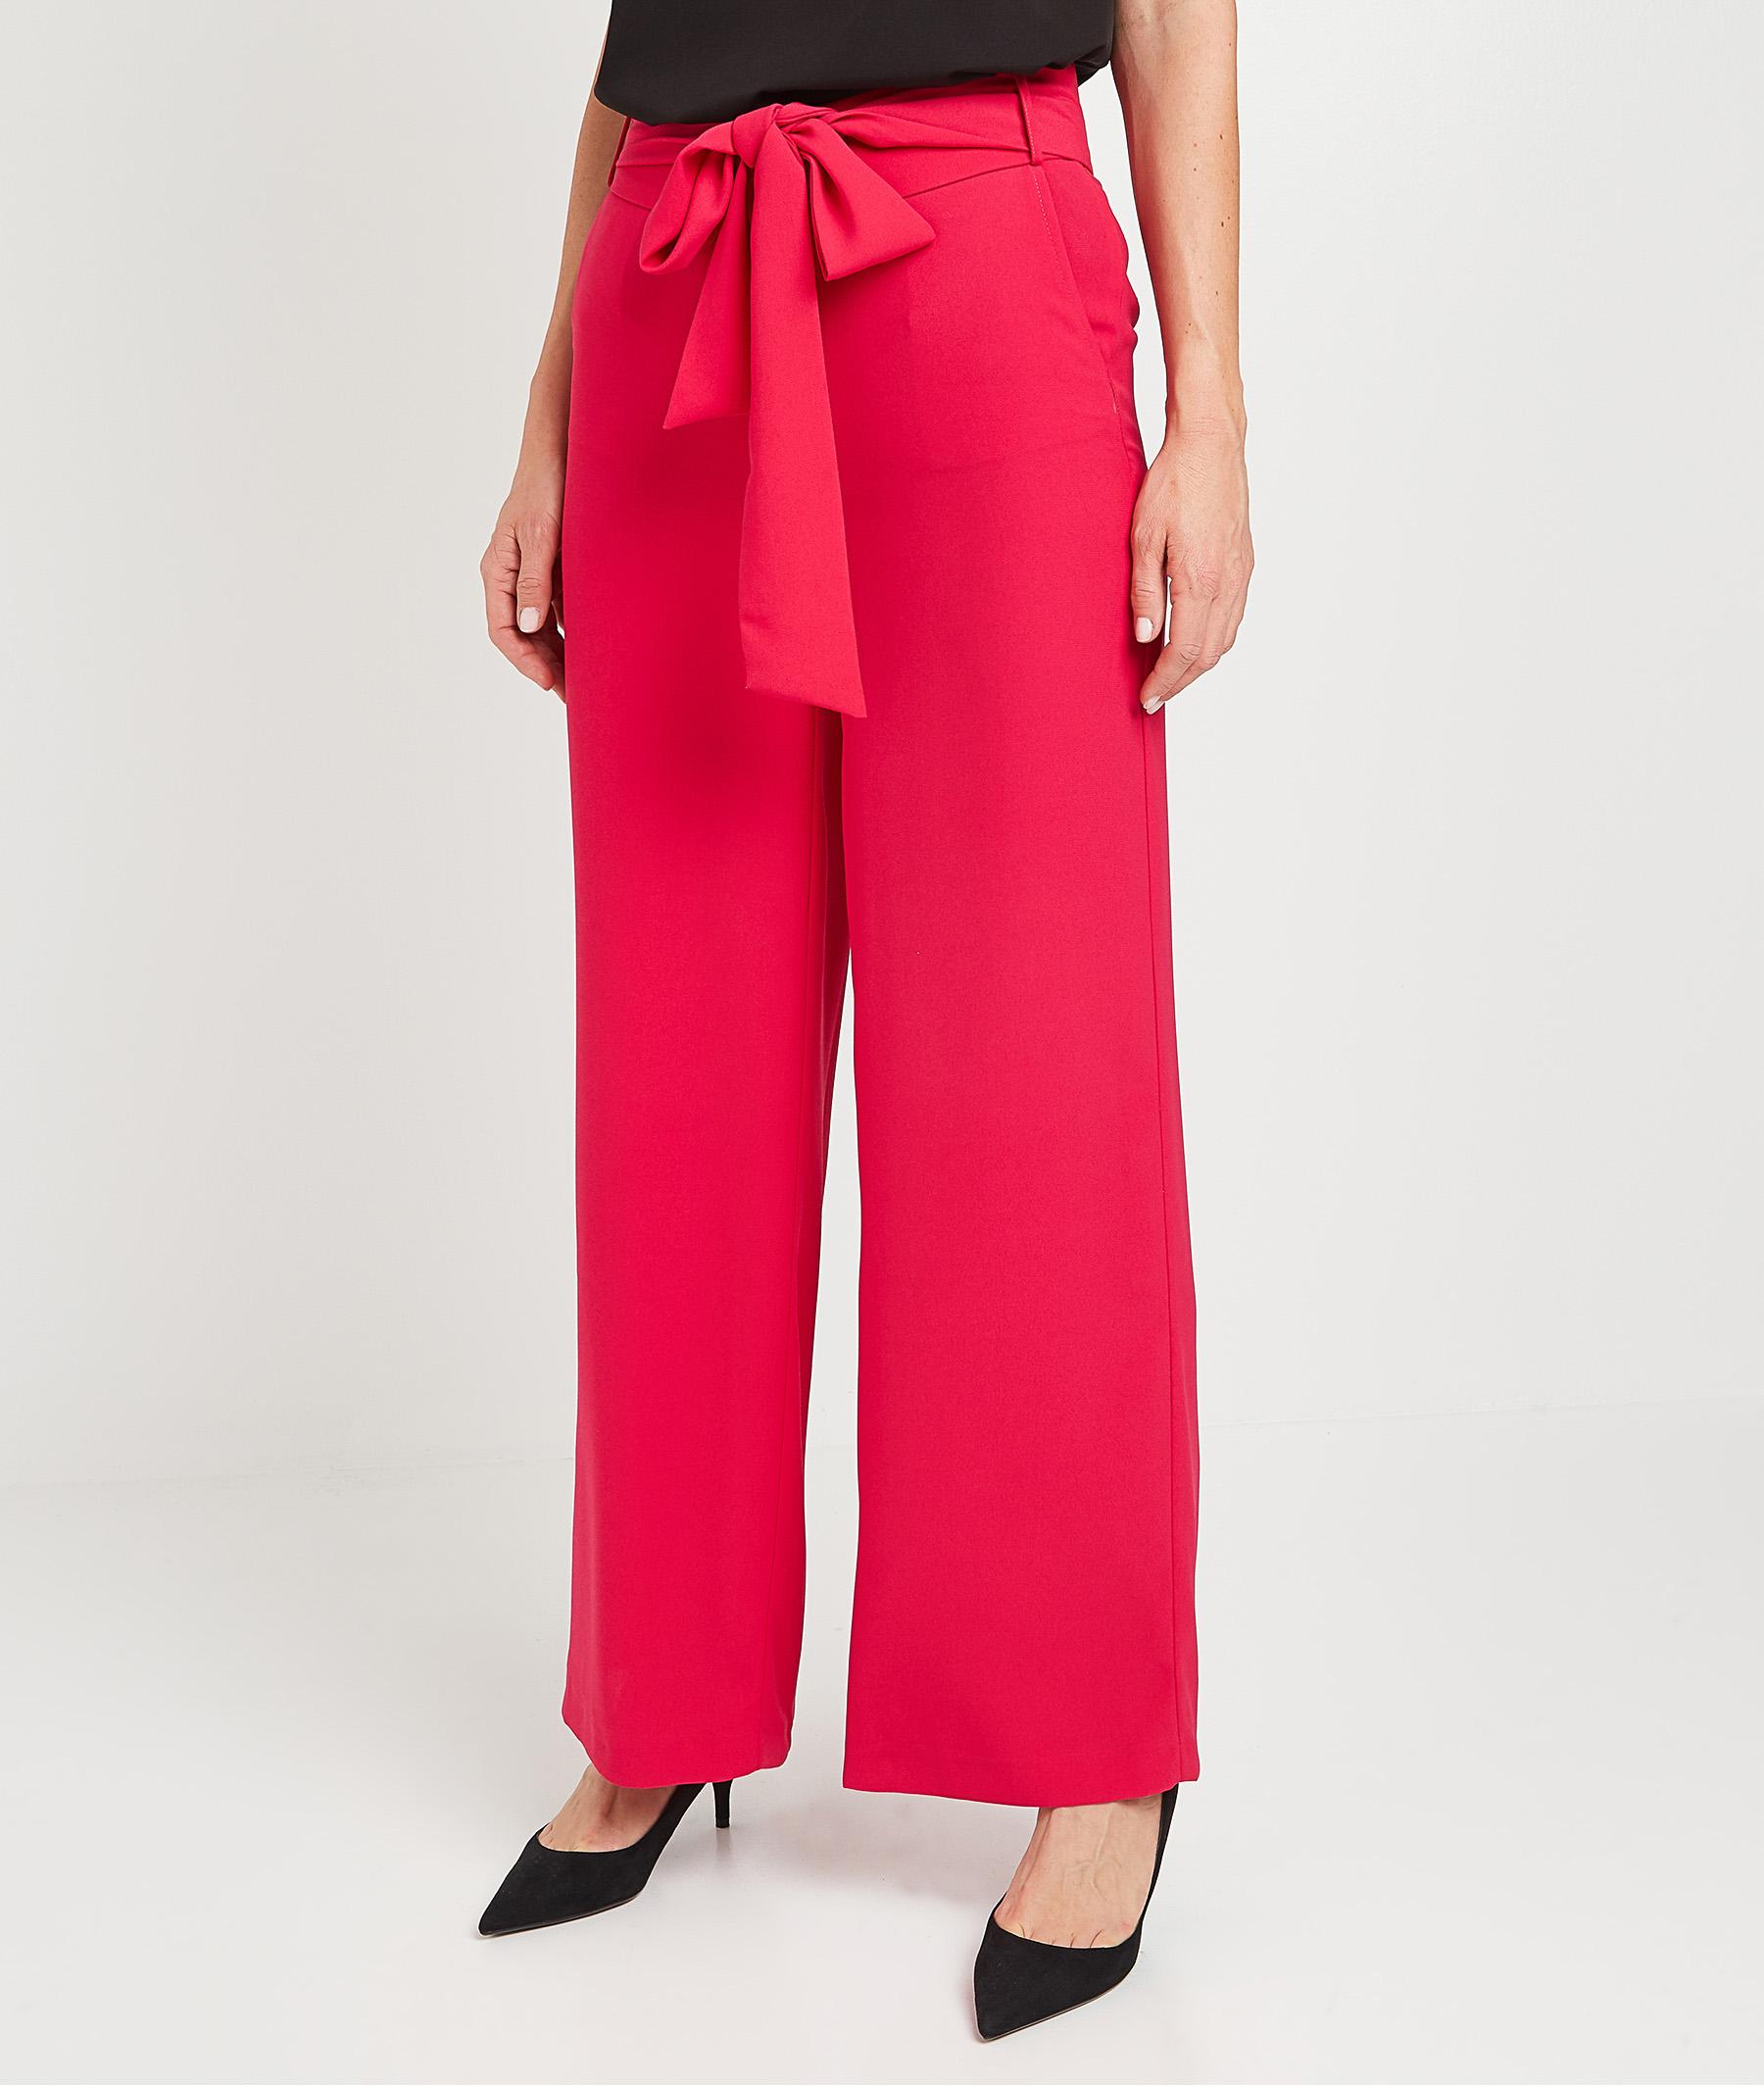 Pantalon large fuchsia femme FUCHSIA